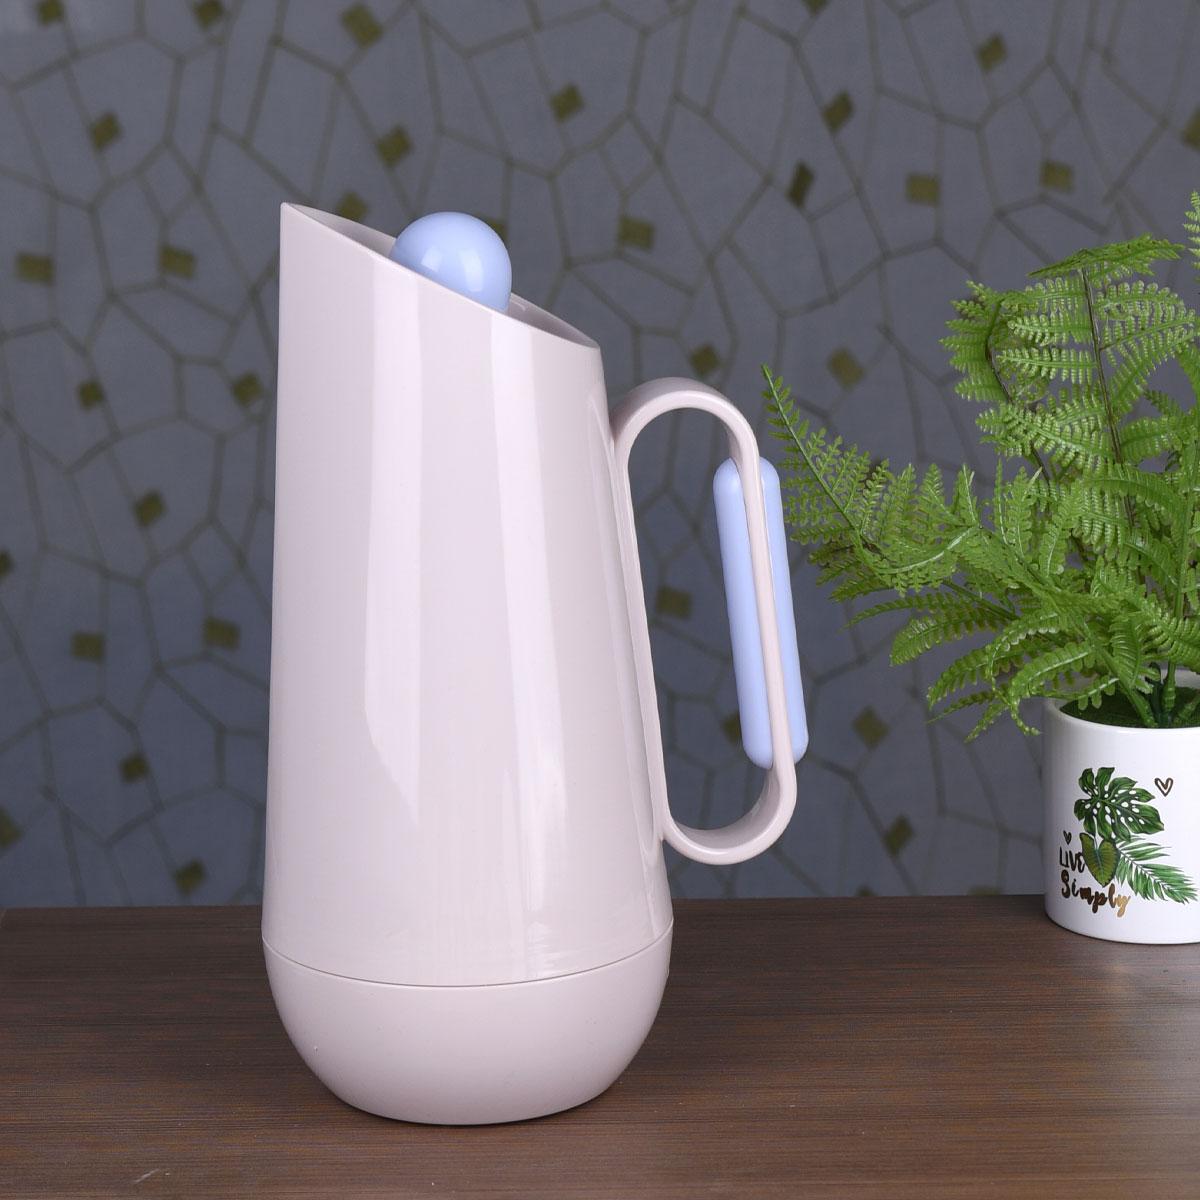 ترمس شاي وقهوة ديفا - Deva - مقاس 1.0لتر - رقم K190491/LGR